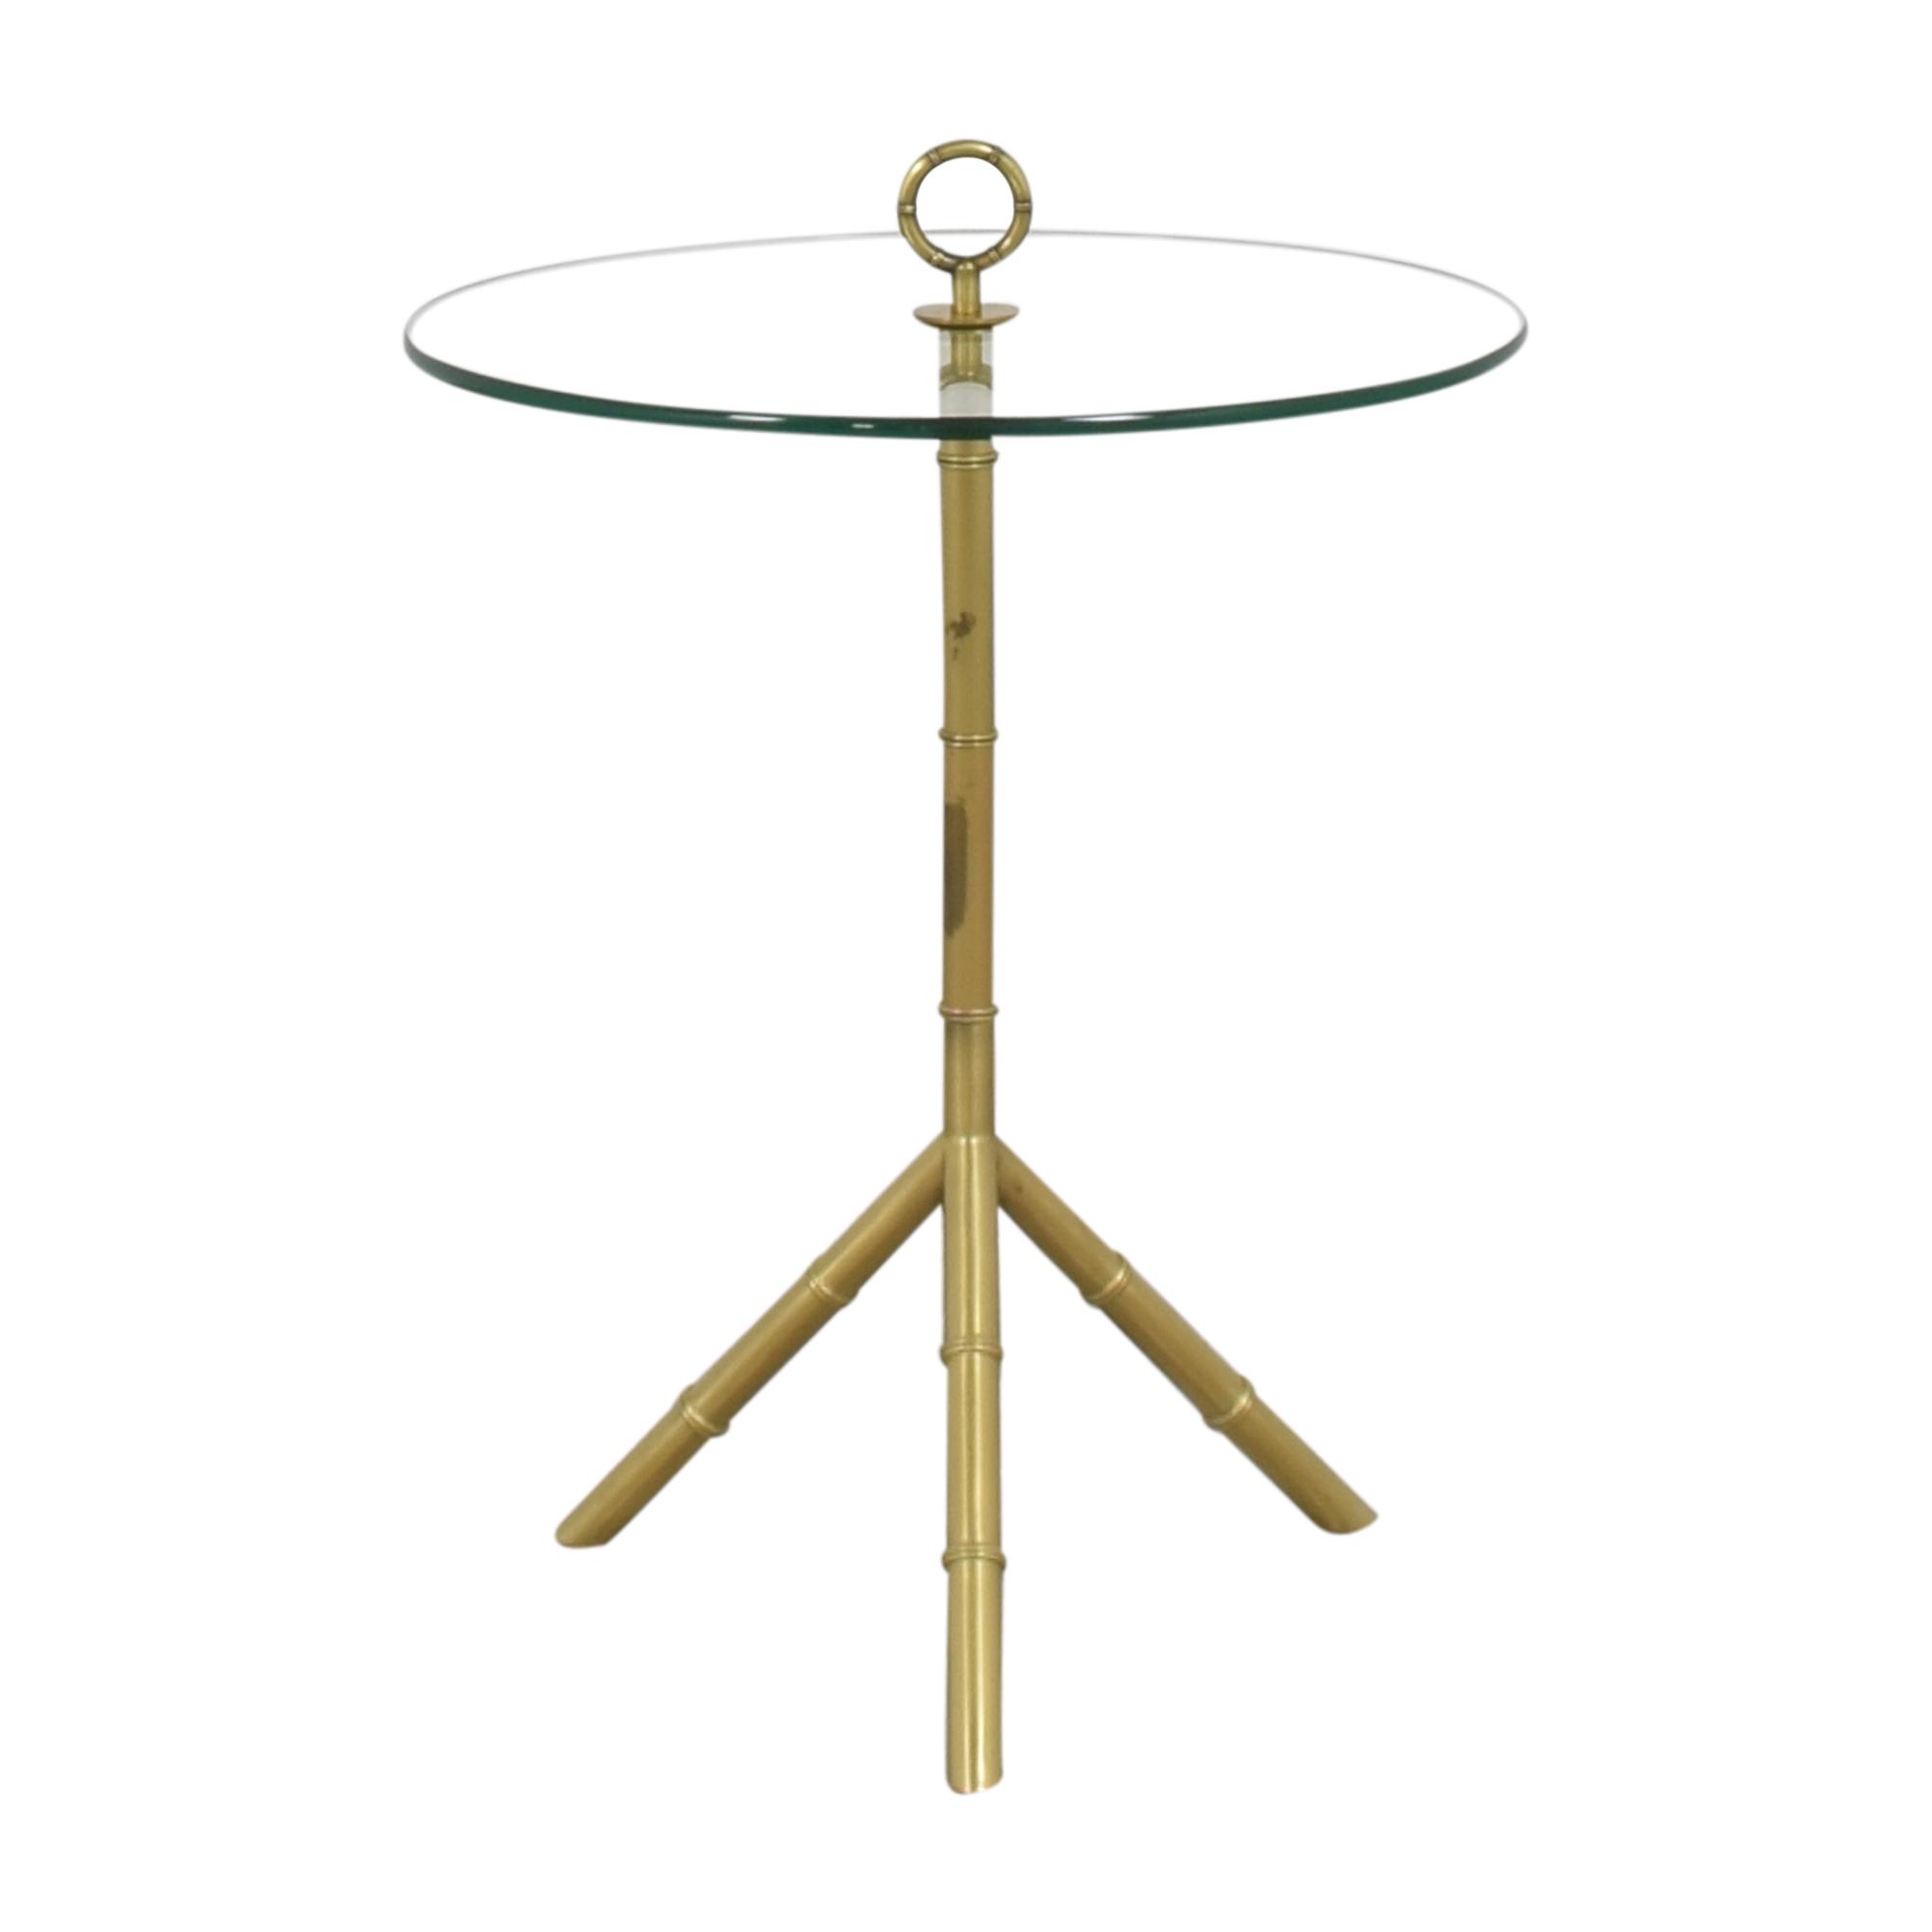 Jonathan Adler Jonathan Adler Meurice Side Table used